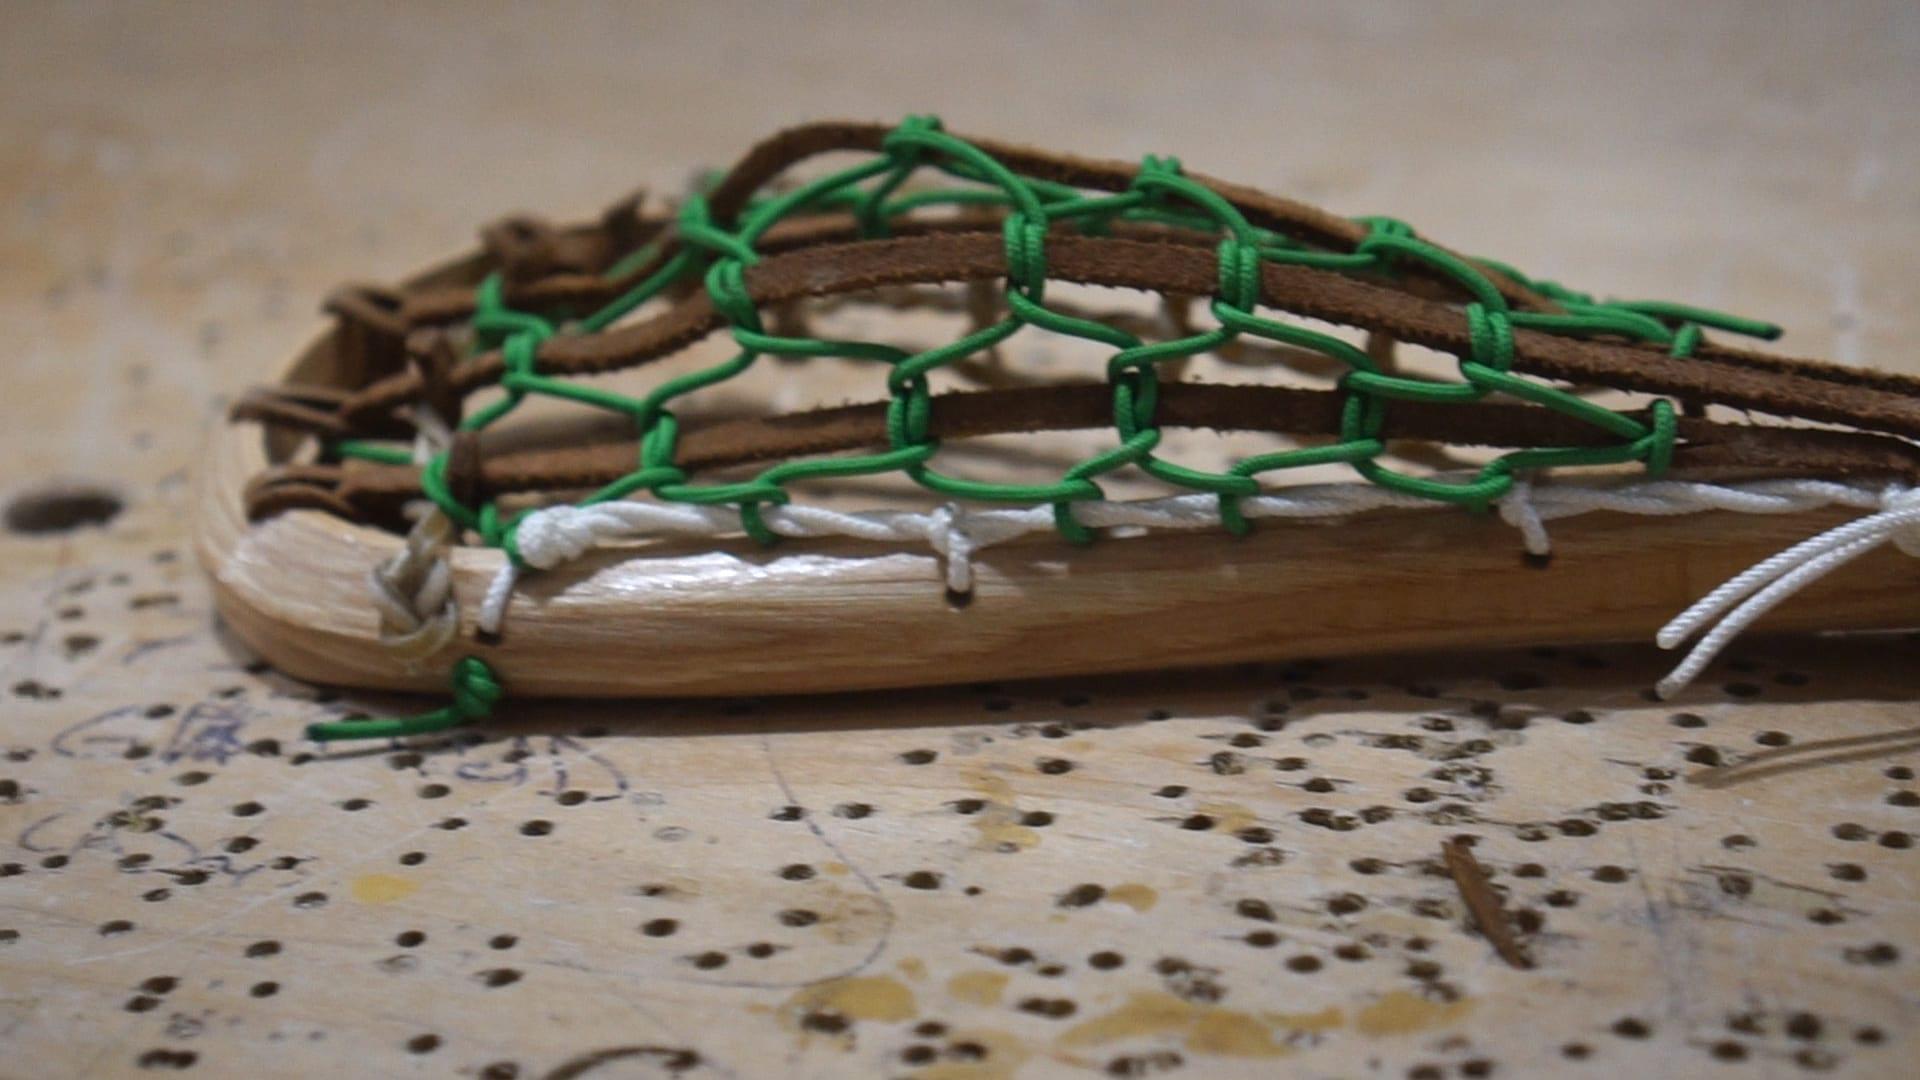 justin skaggs wood lacrosse sticks jacksonville university lacrosse sticks